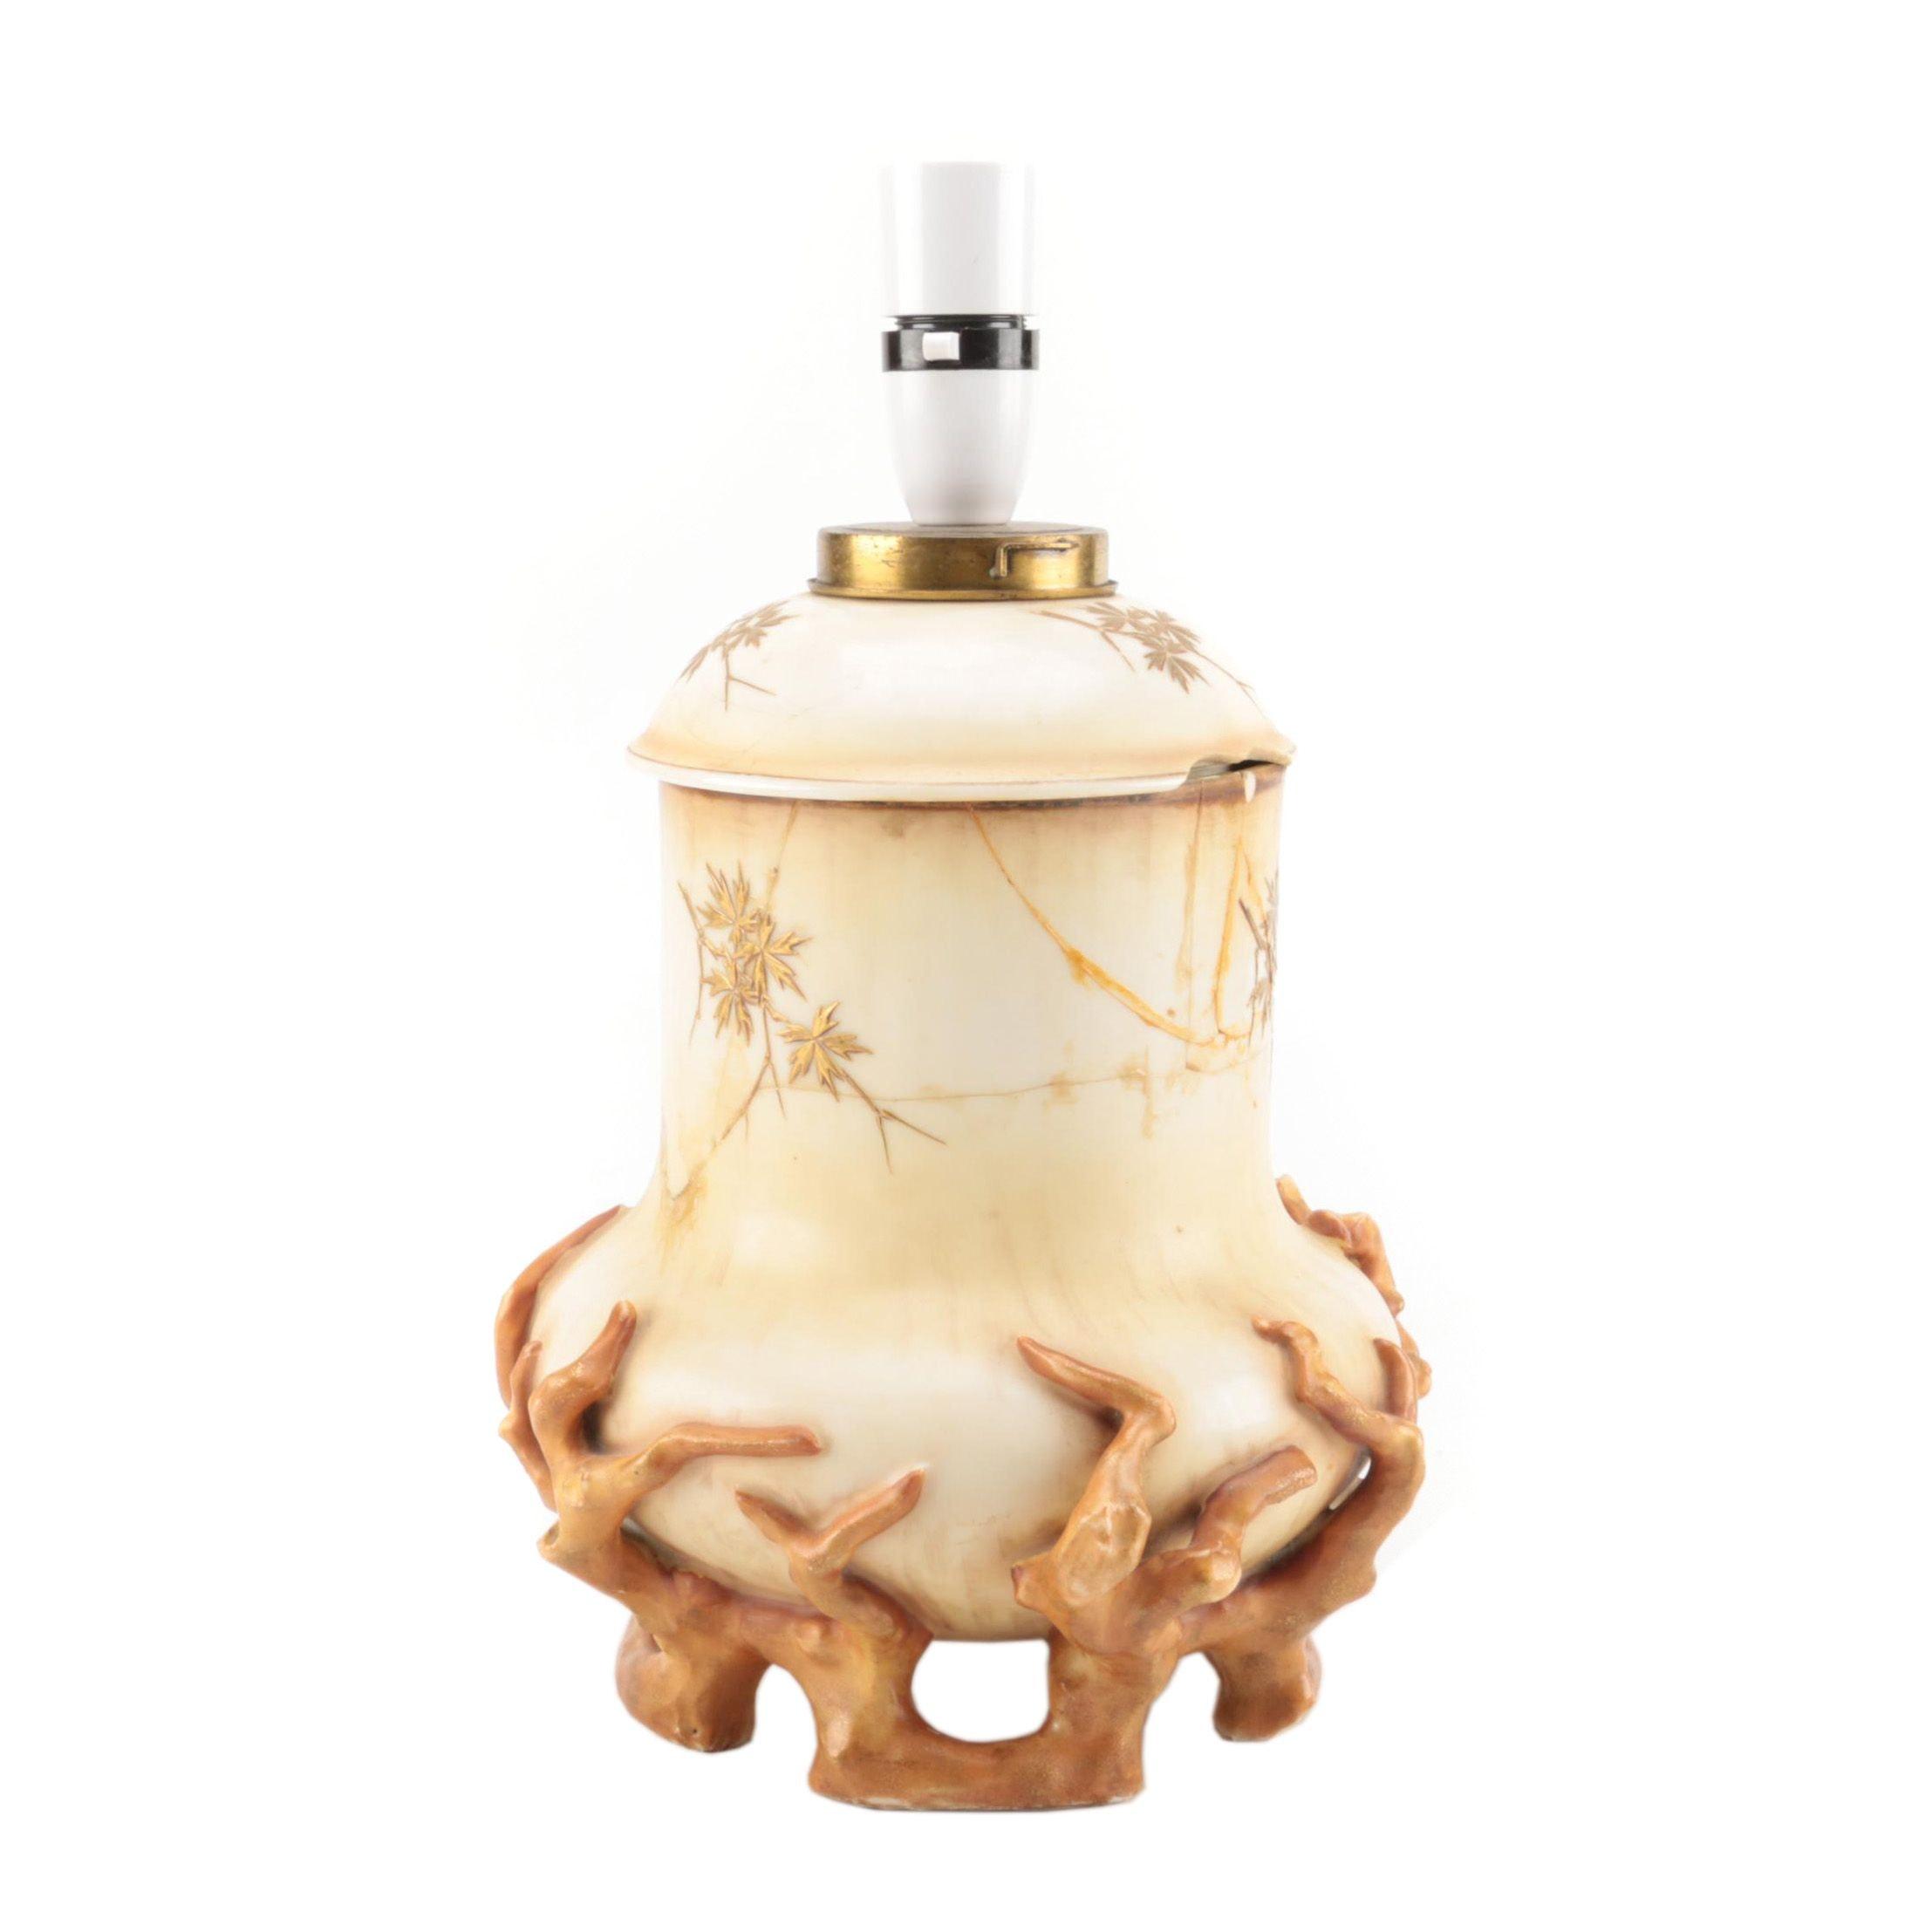 Antique English Porcelain Accent Lamp